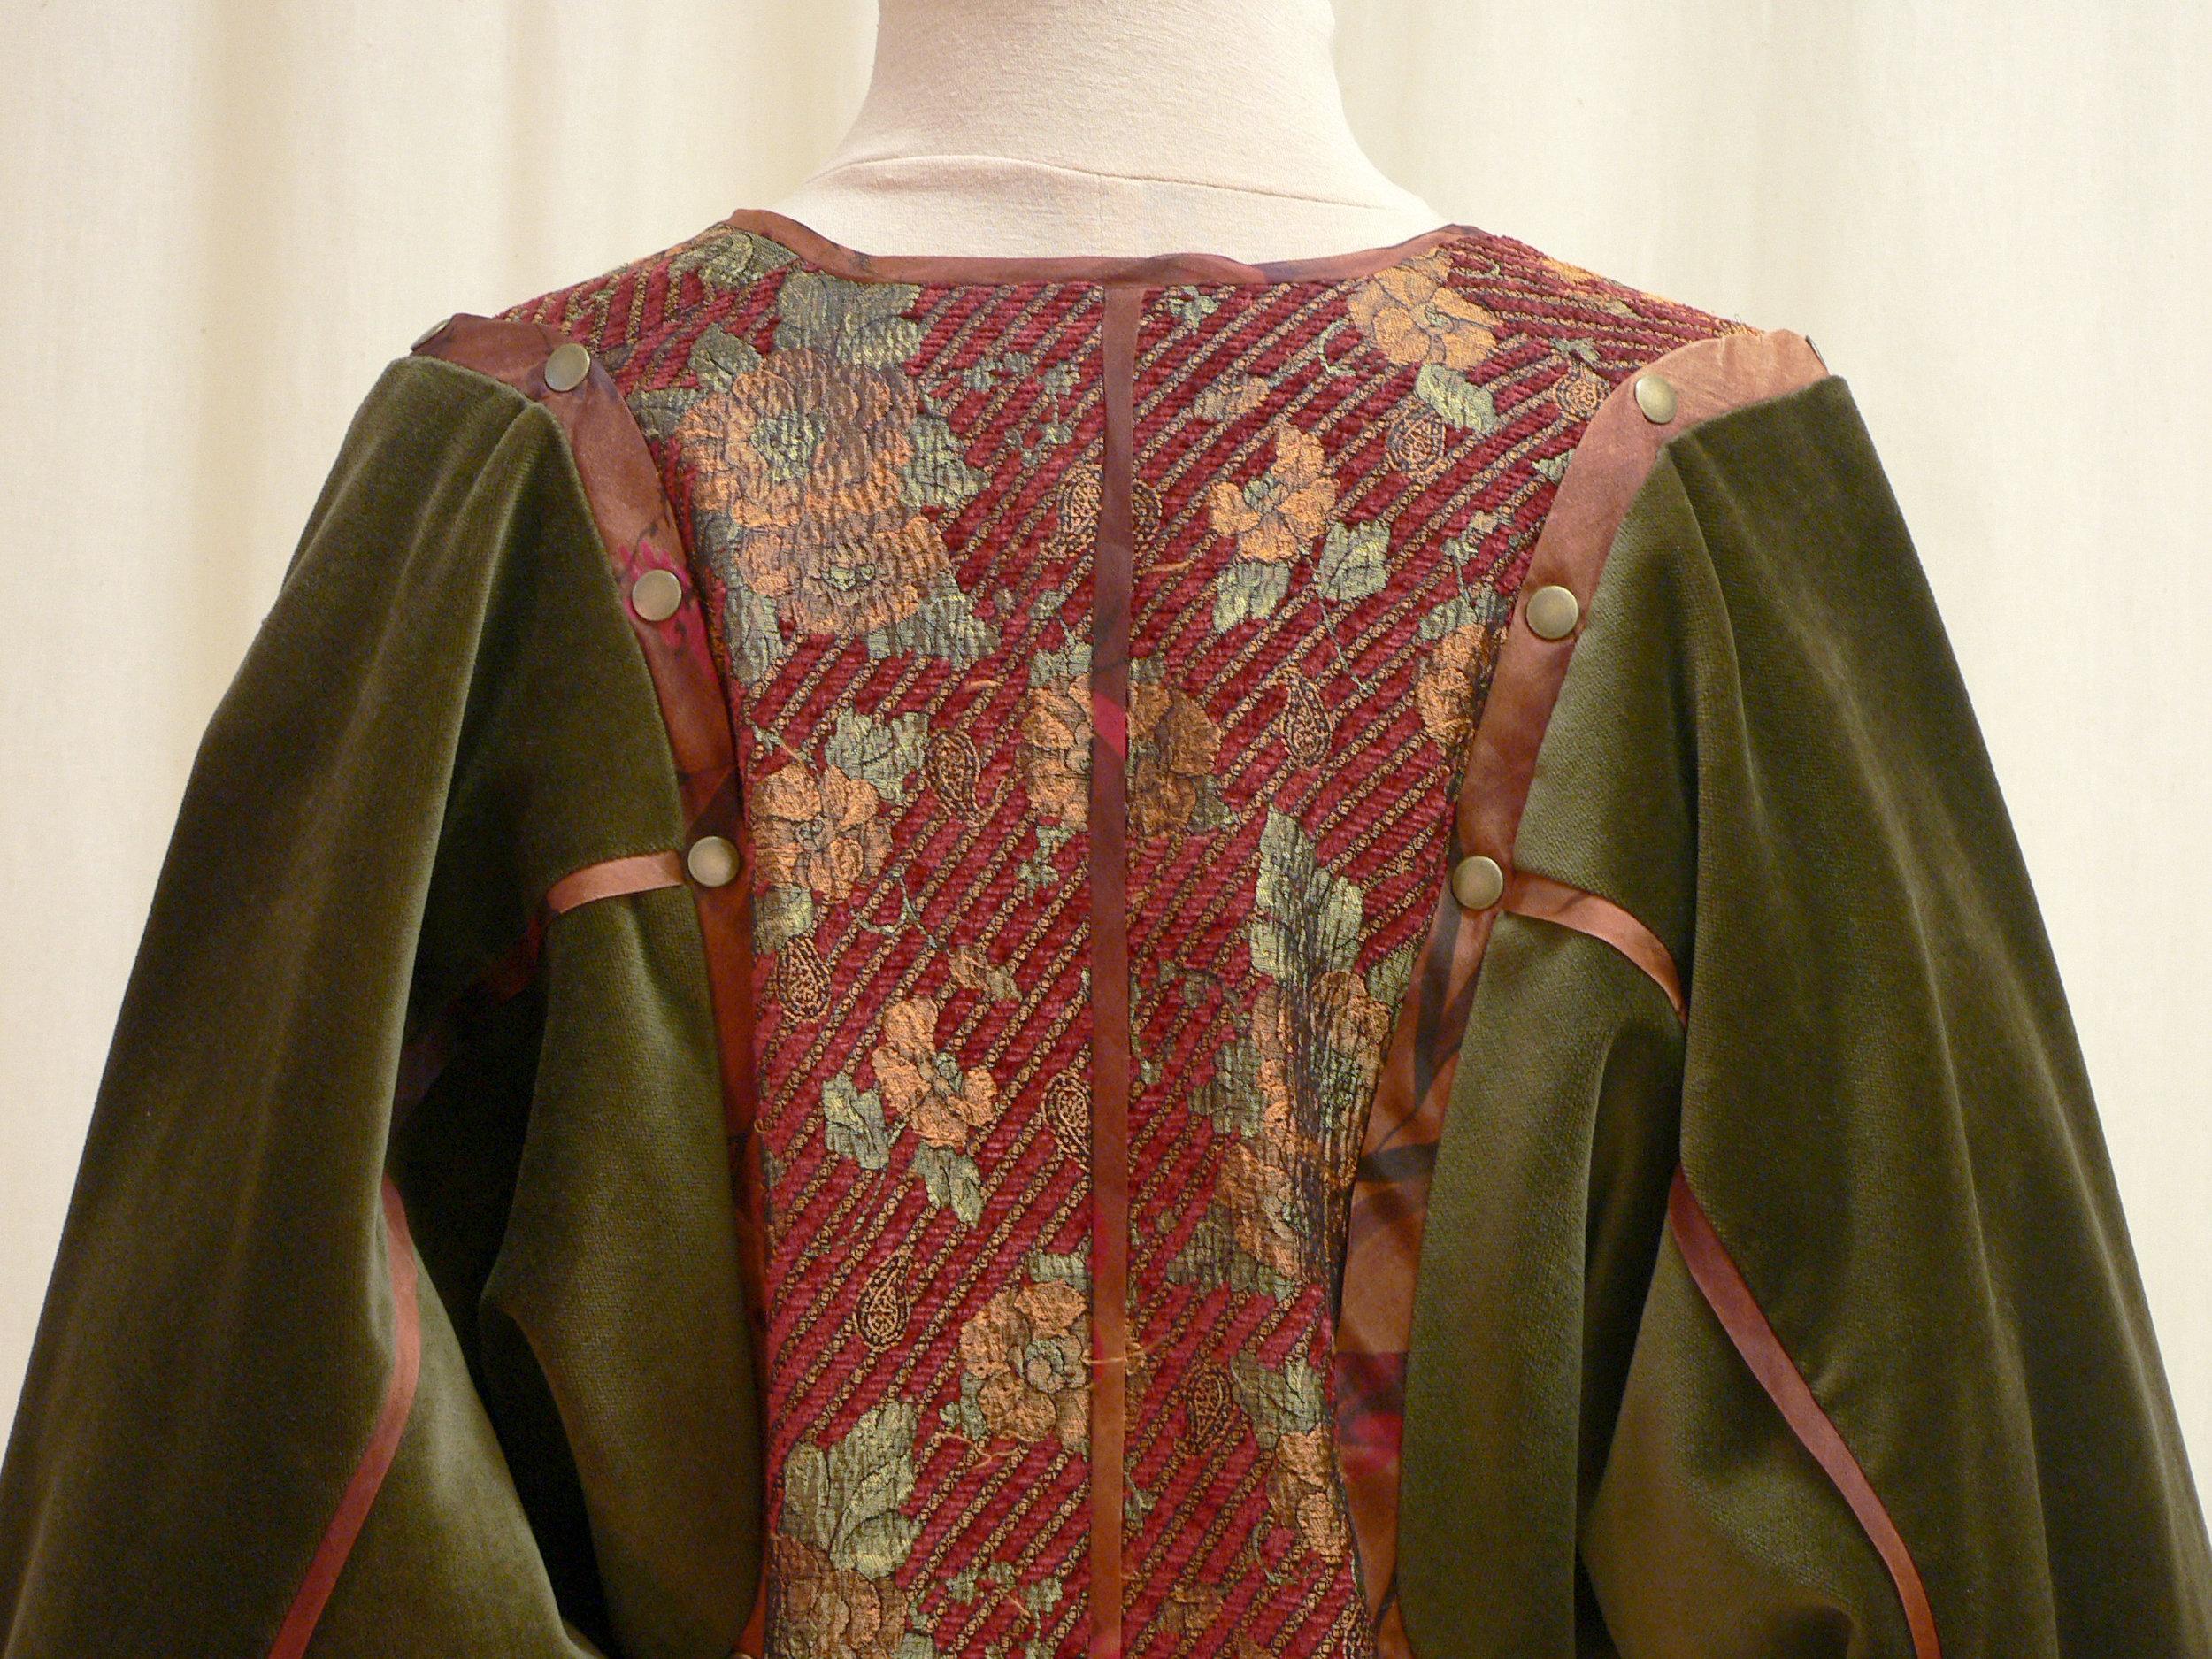 jacket06_back_detail.jpg